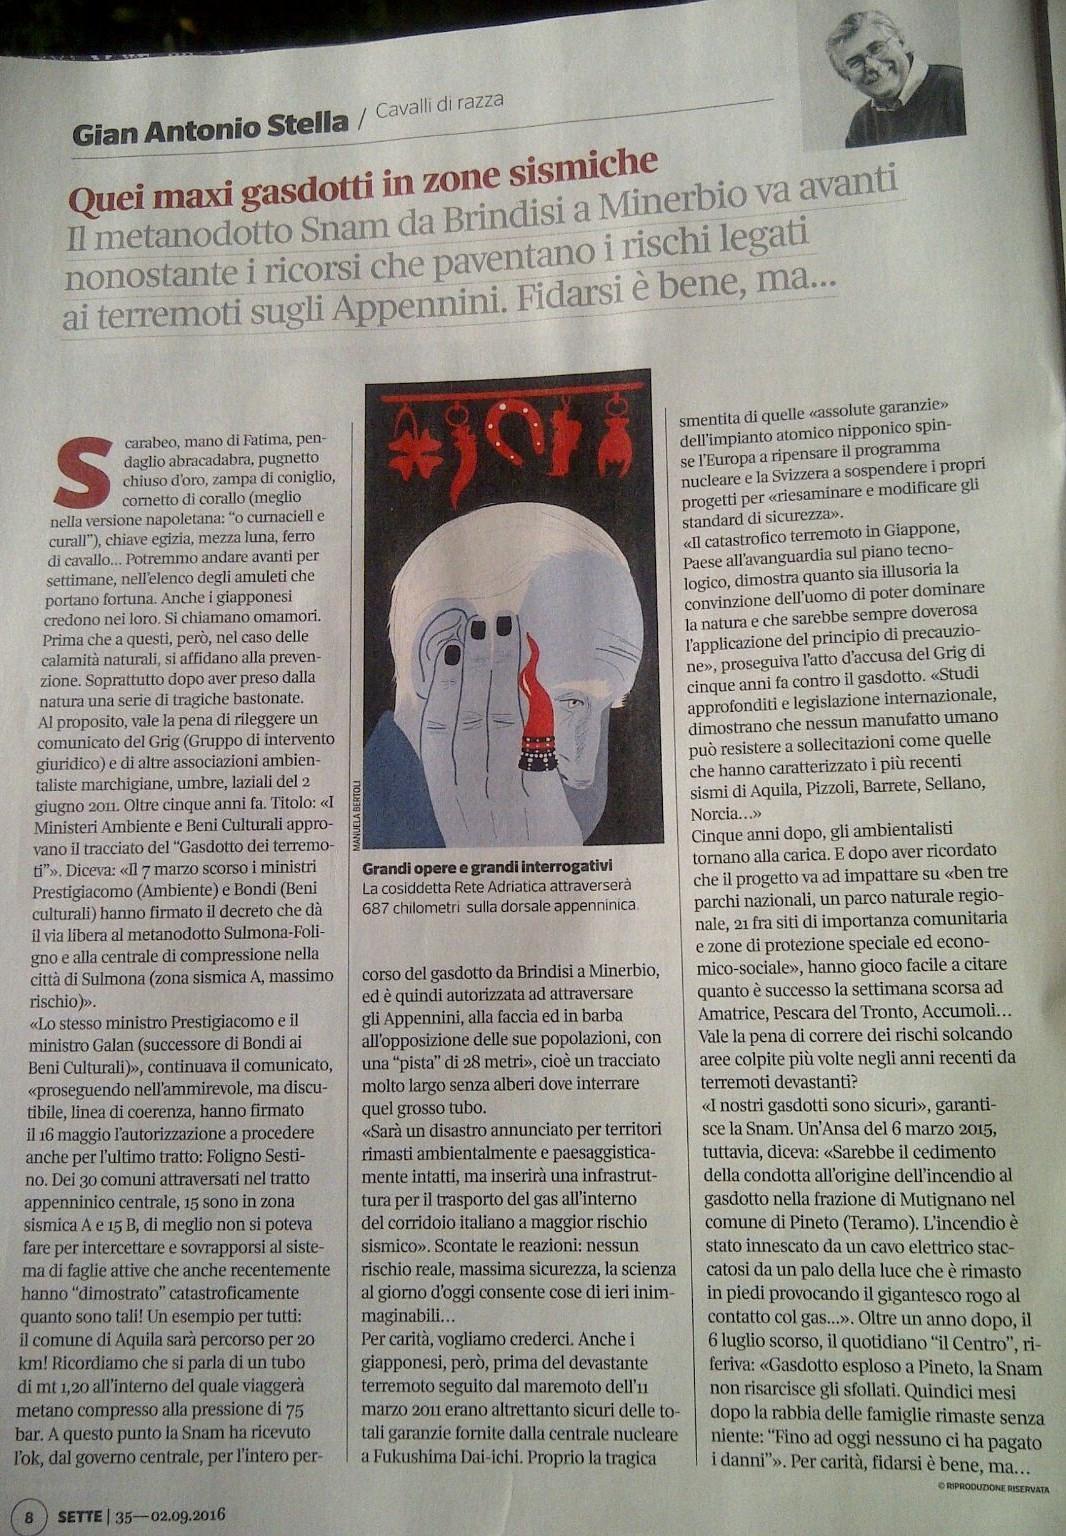 Il Corriere della Sera - Sette, 2 settembre 2016